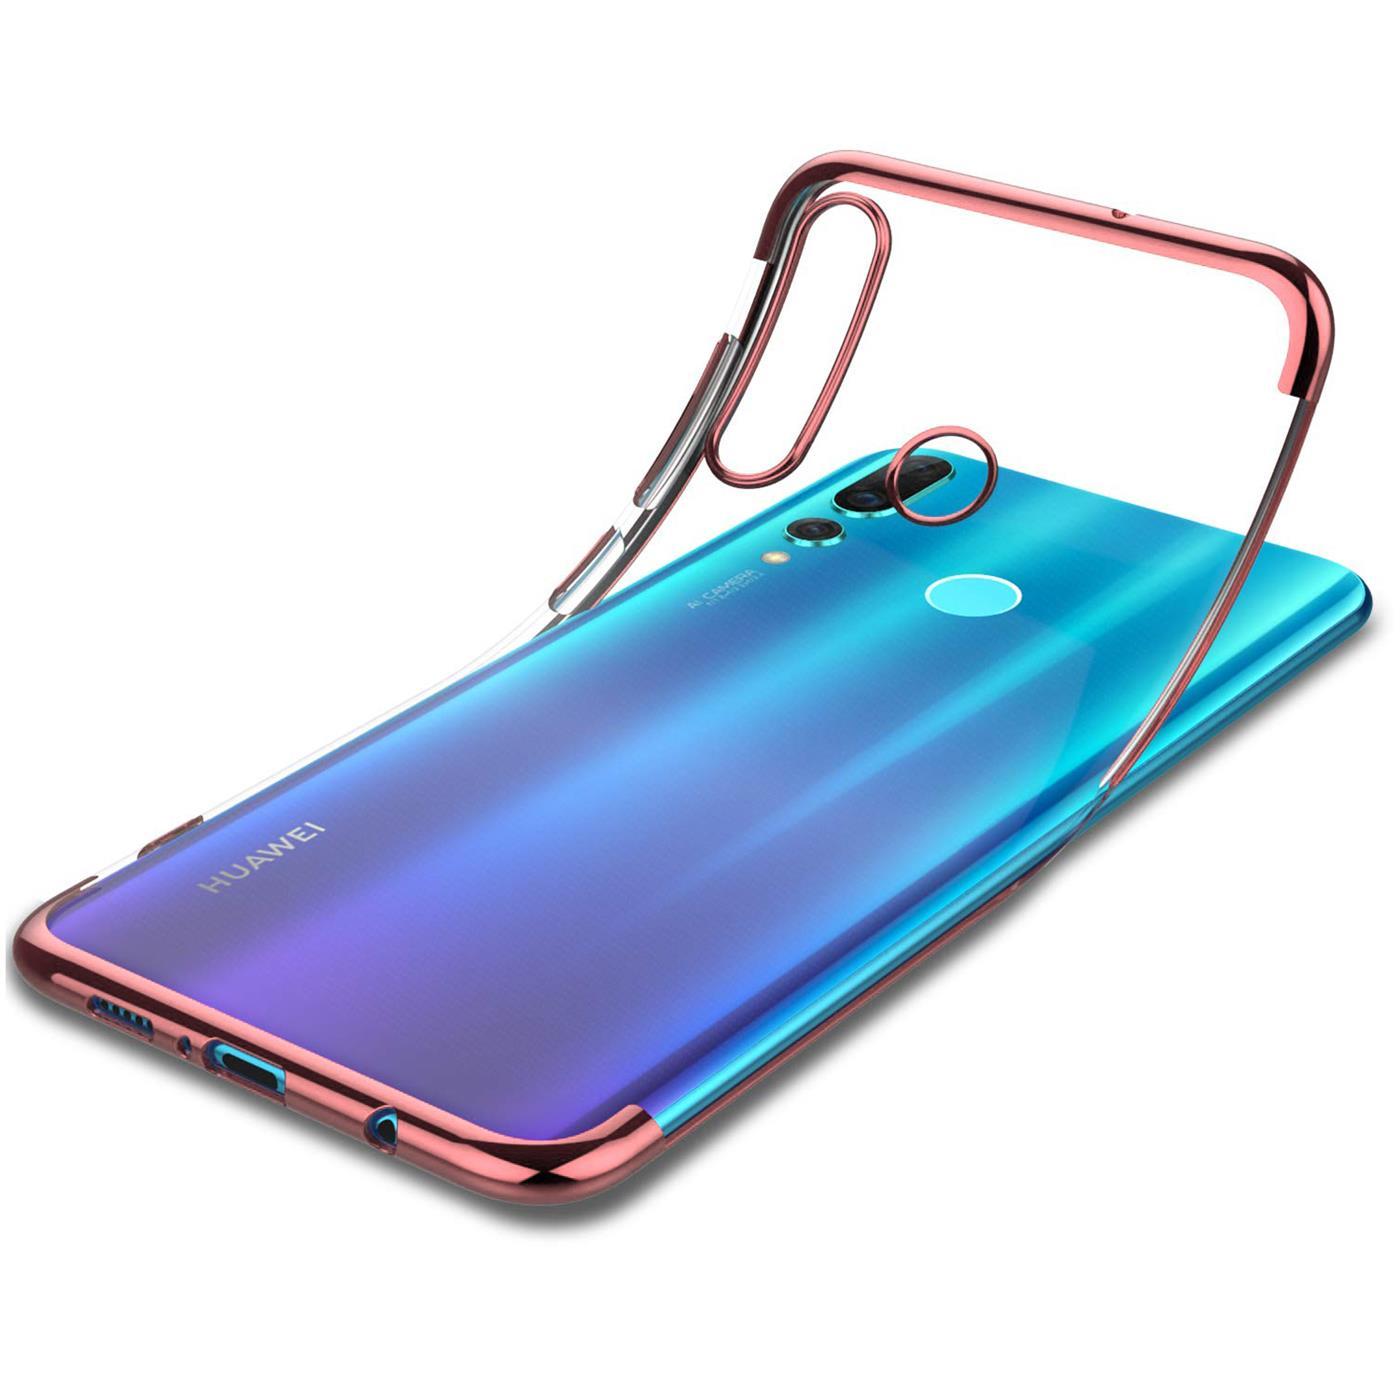 Schutzhuelle-Huawei-P30-P30-Lite-P30-Pro-Handy-Tasche-Slim-Cover-Case-Transparent Indexbild 27